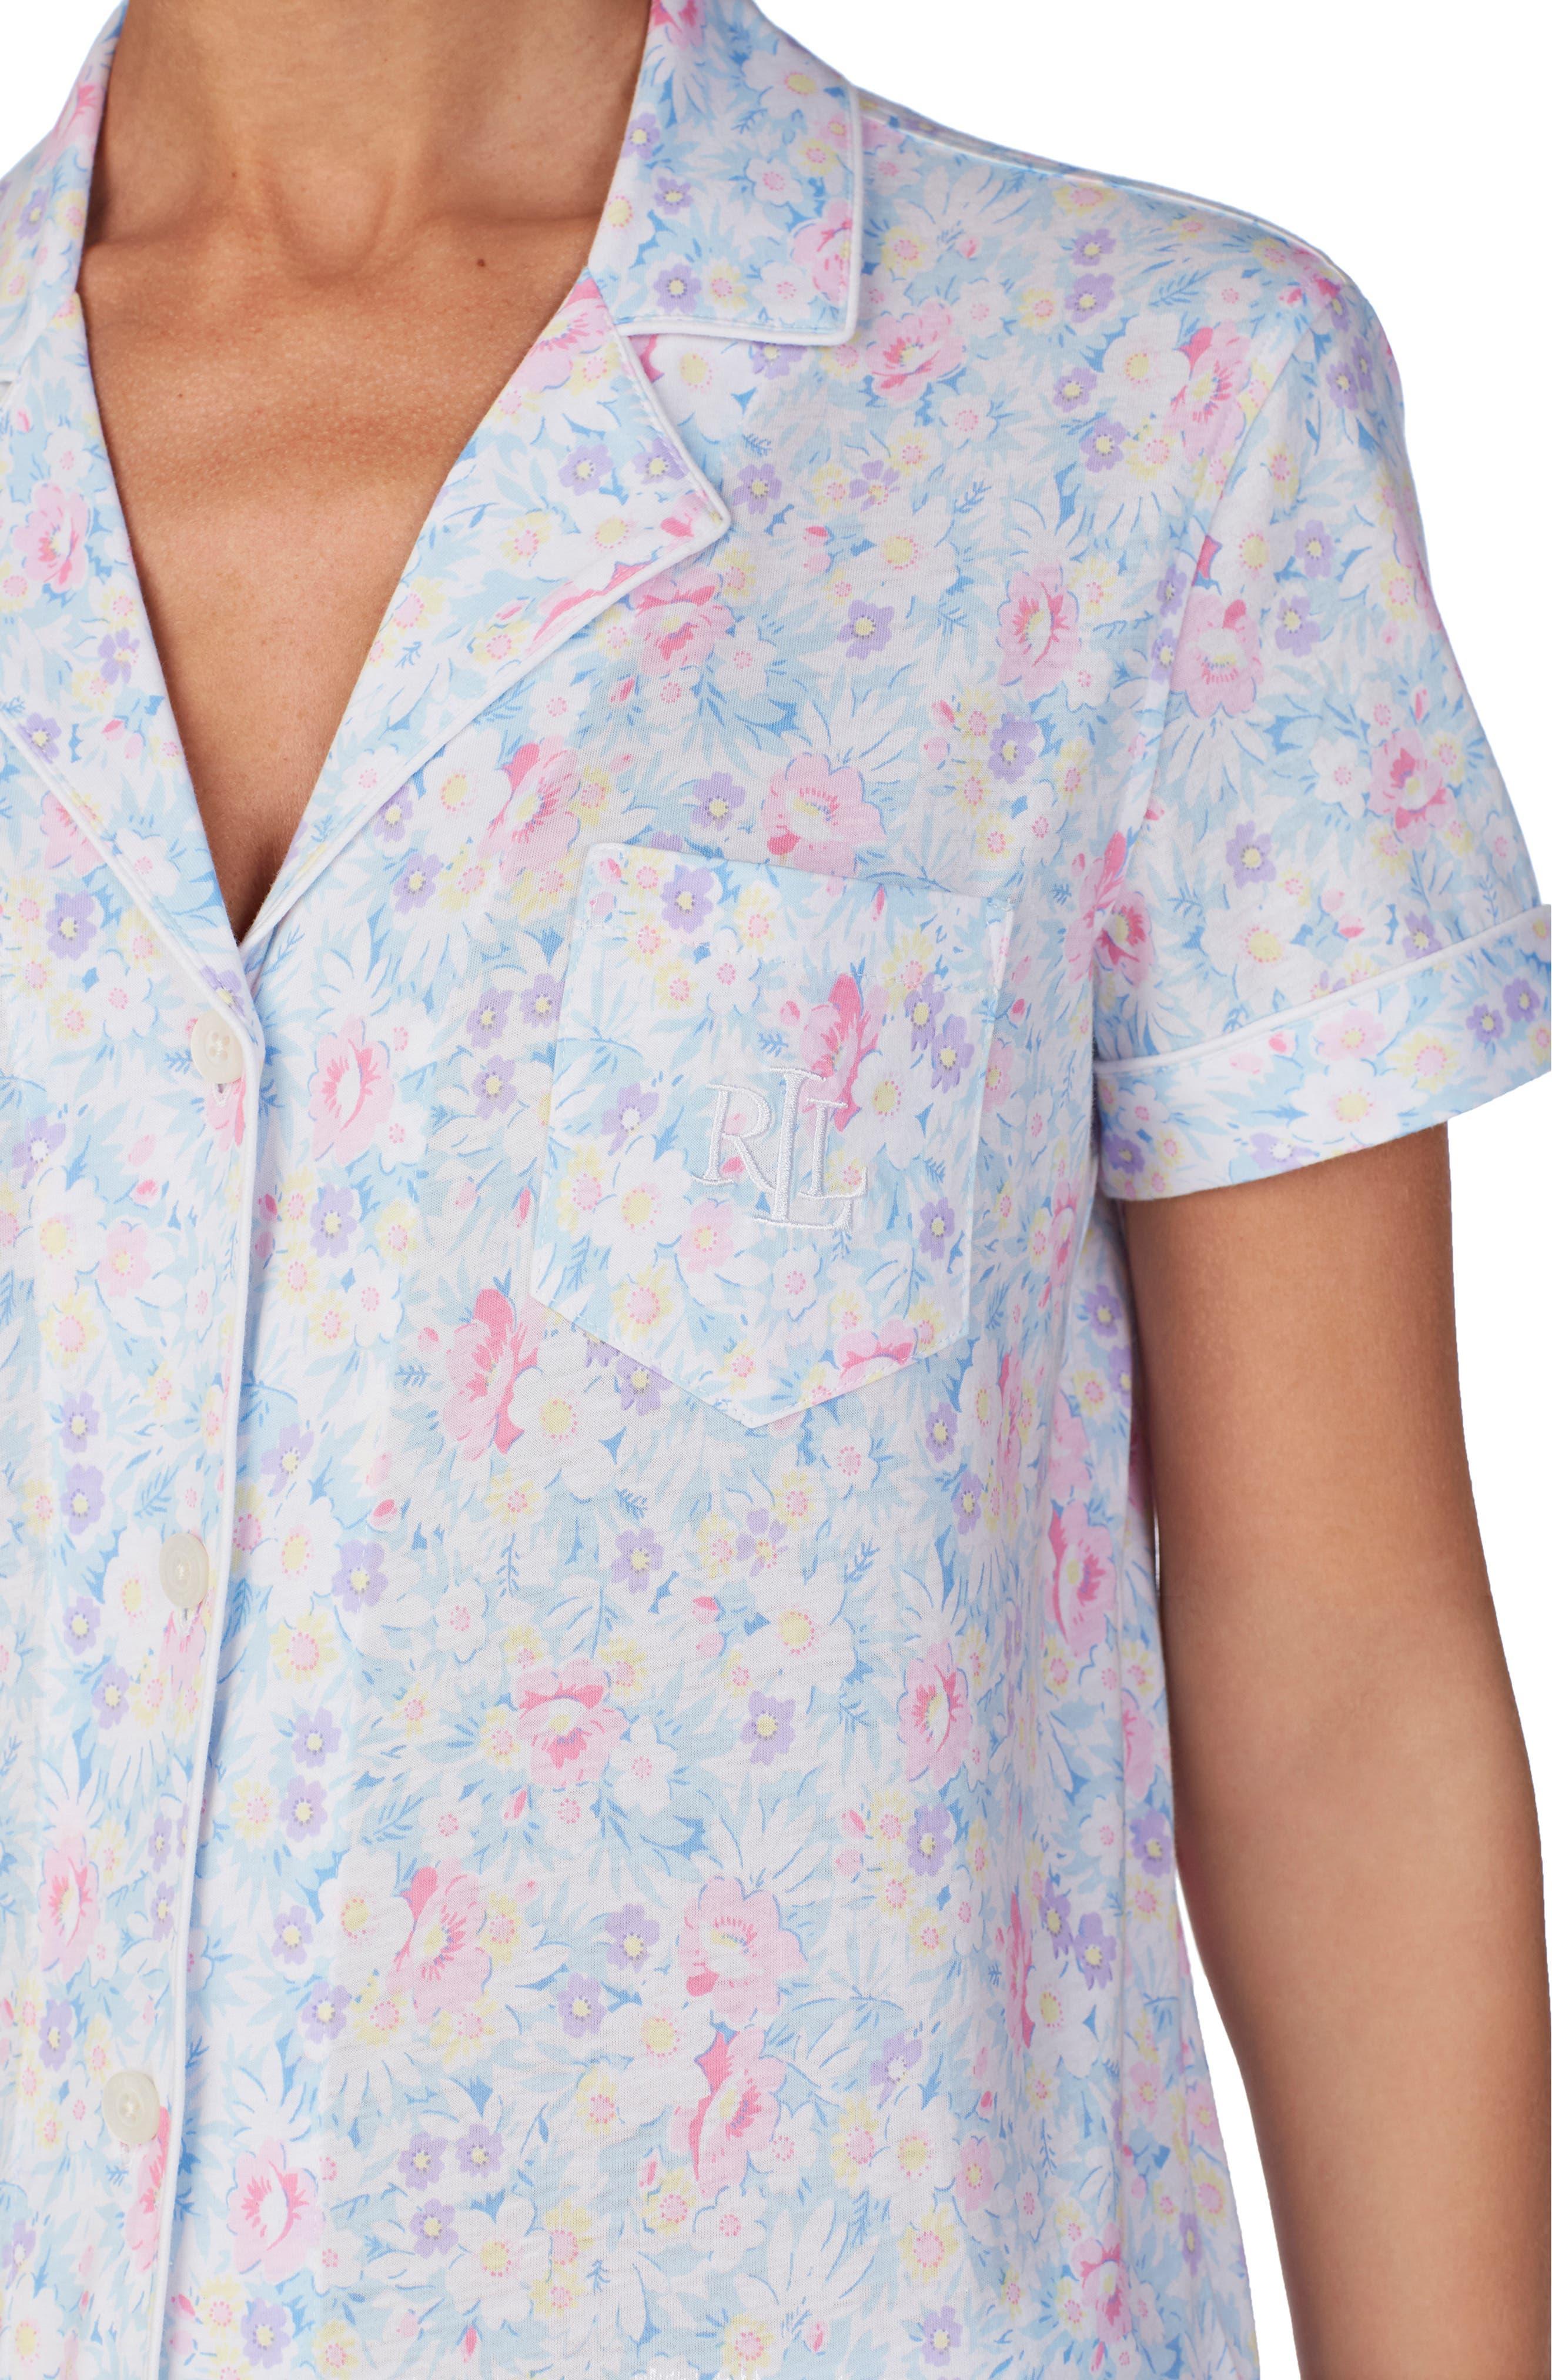 LAUREN RALPH LAUREN, Bermuda Shorts Pajamas, Alternate thumbnail 4, color, PINK FLORAL